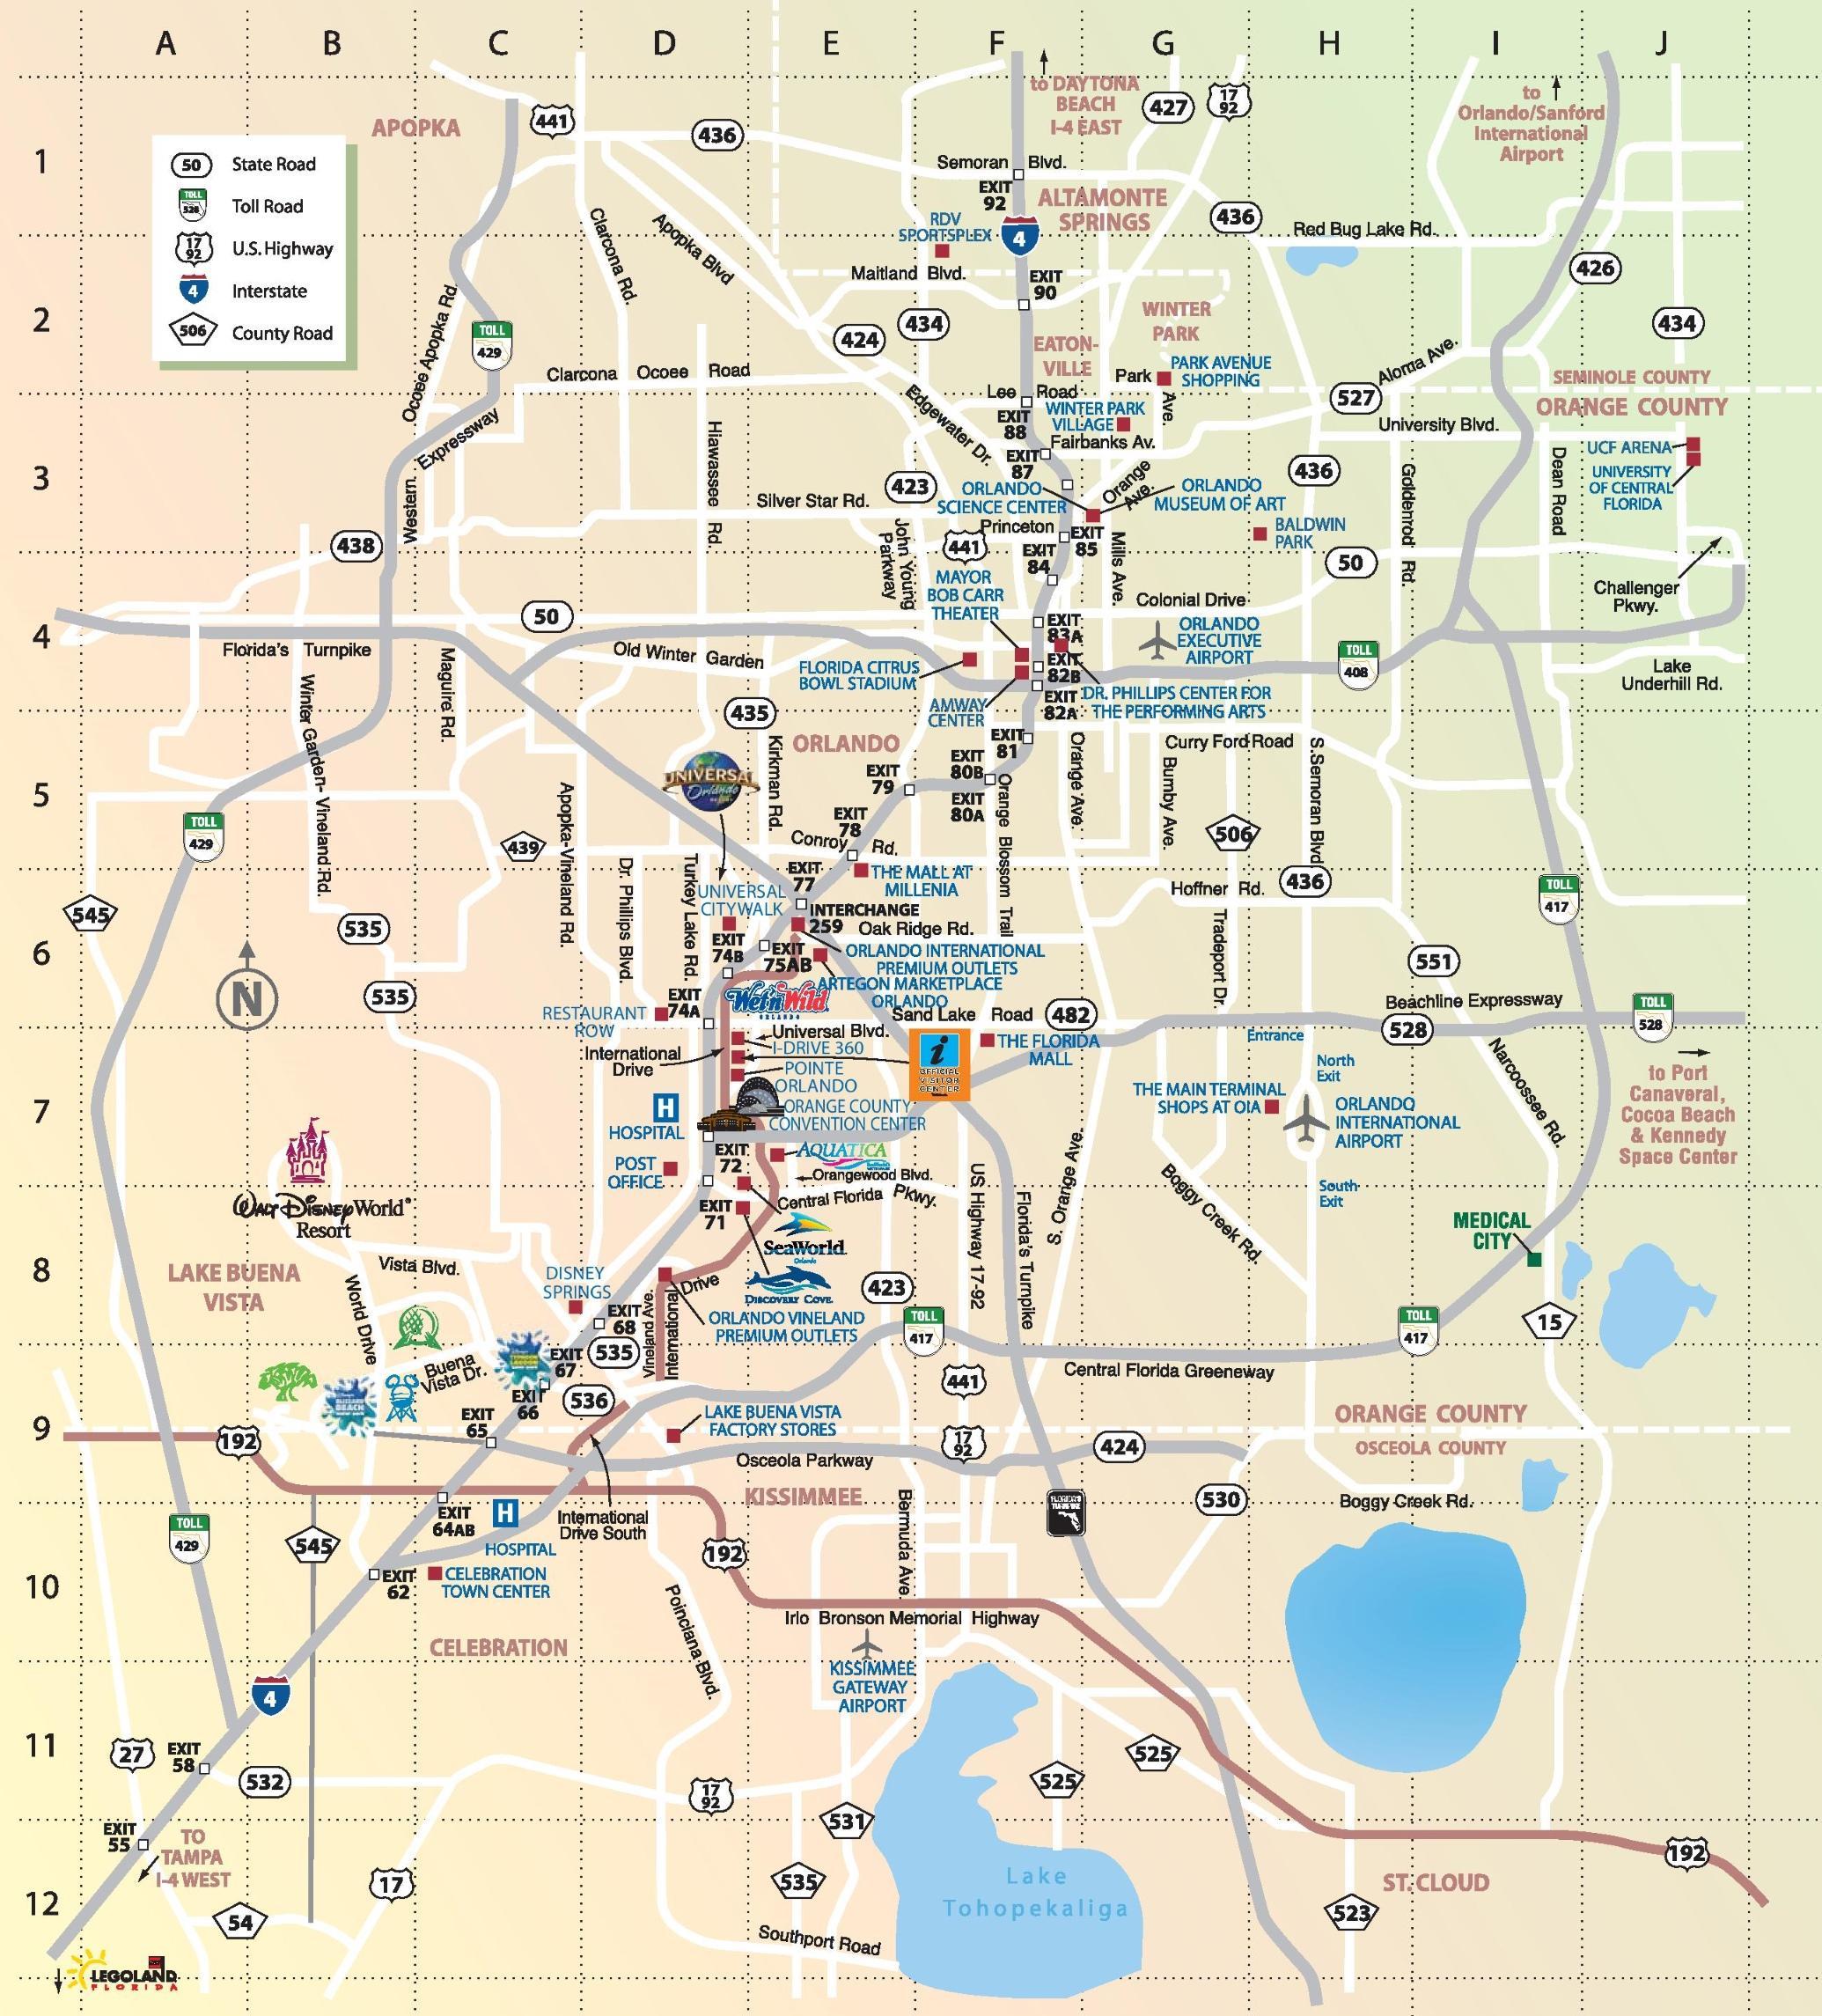 Orlando Attractions Map - Map Of Orlando Attractions (Florida - Usa) - Orlando Florida Attractions Map